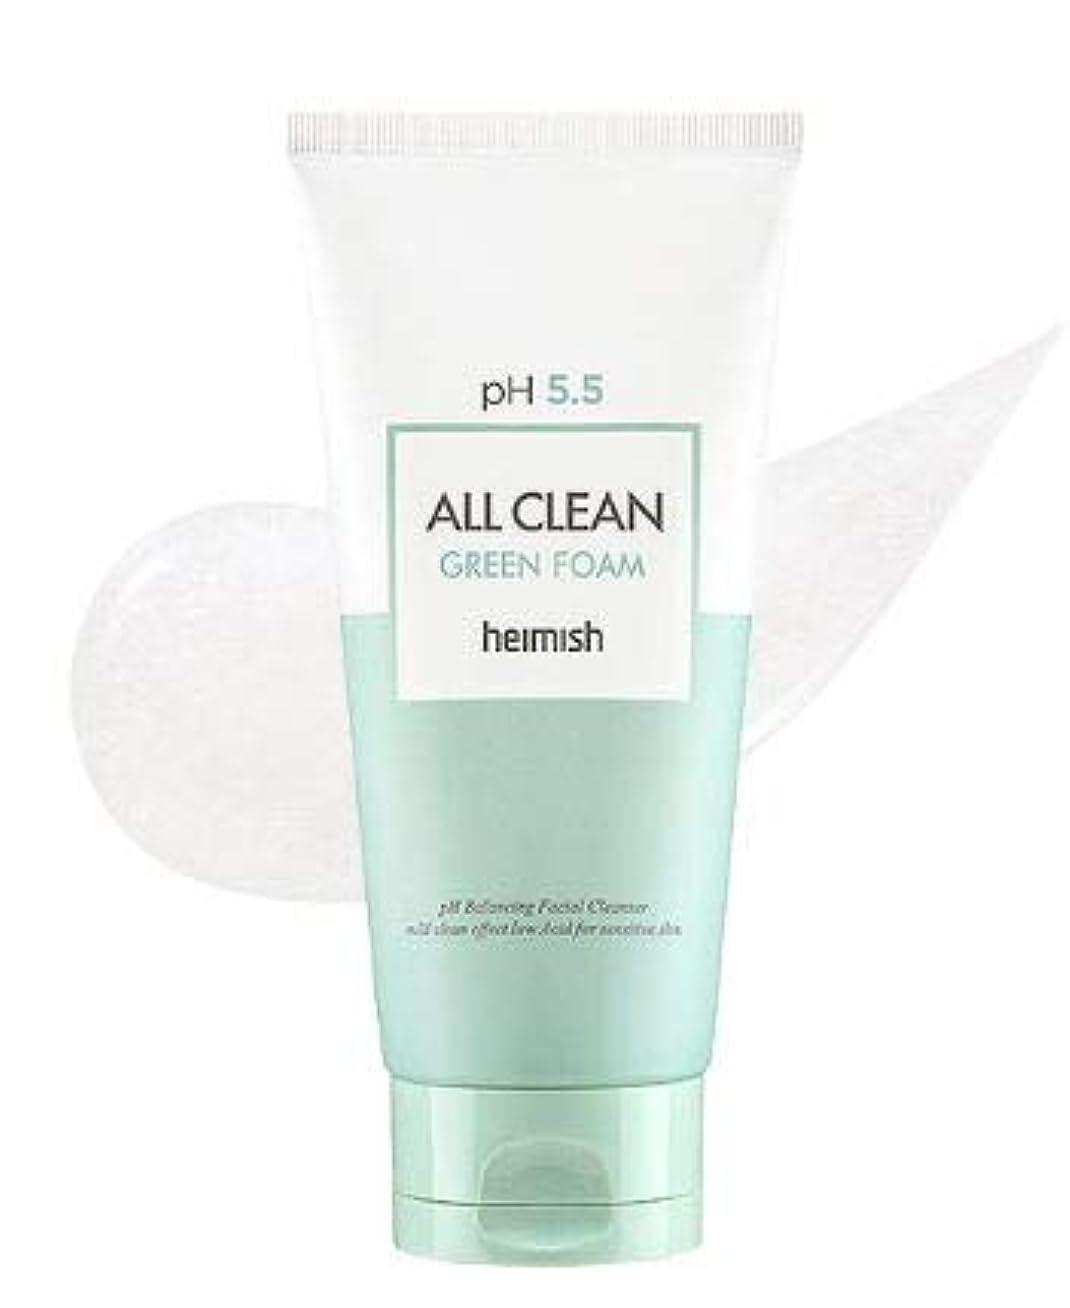 原理資料頂点[heimish] All Clean Green Foam 150g / [ヘイミッシュ] オールクリーン グリーン フォーム 150g [並行輸入品]